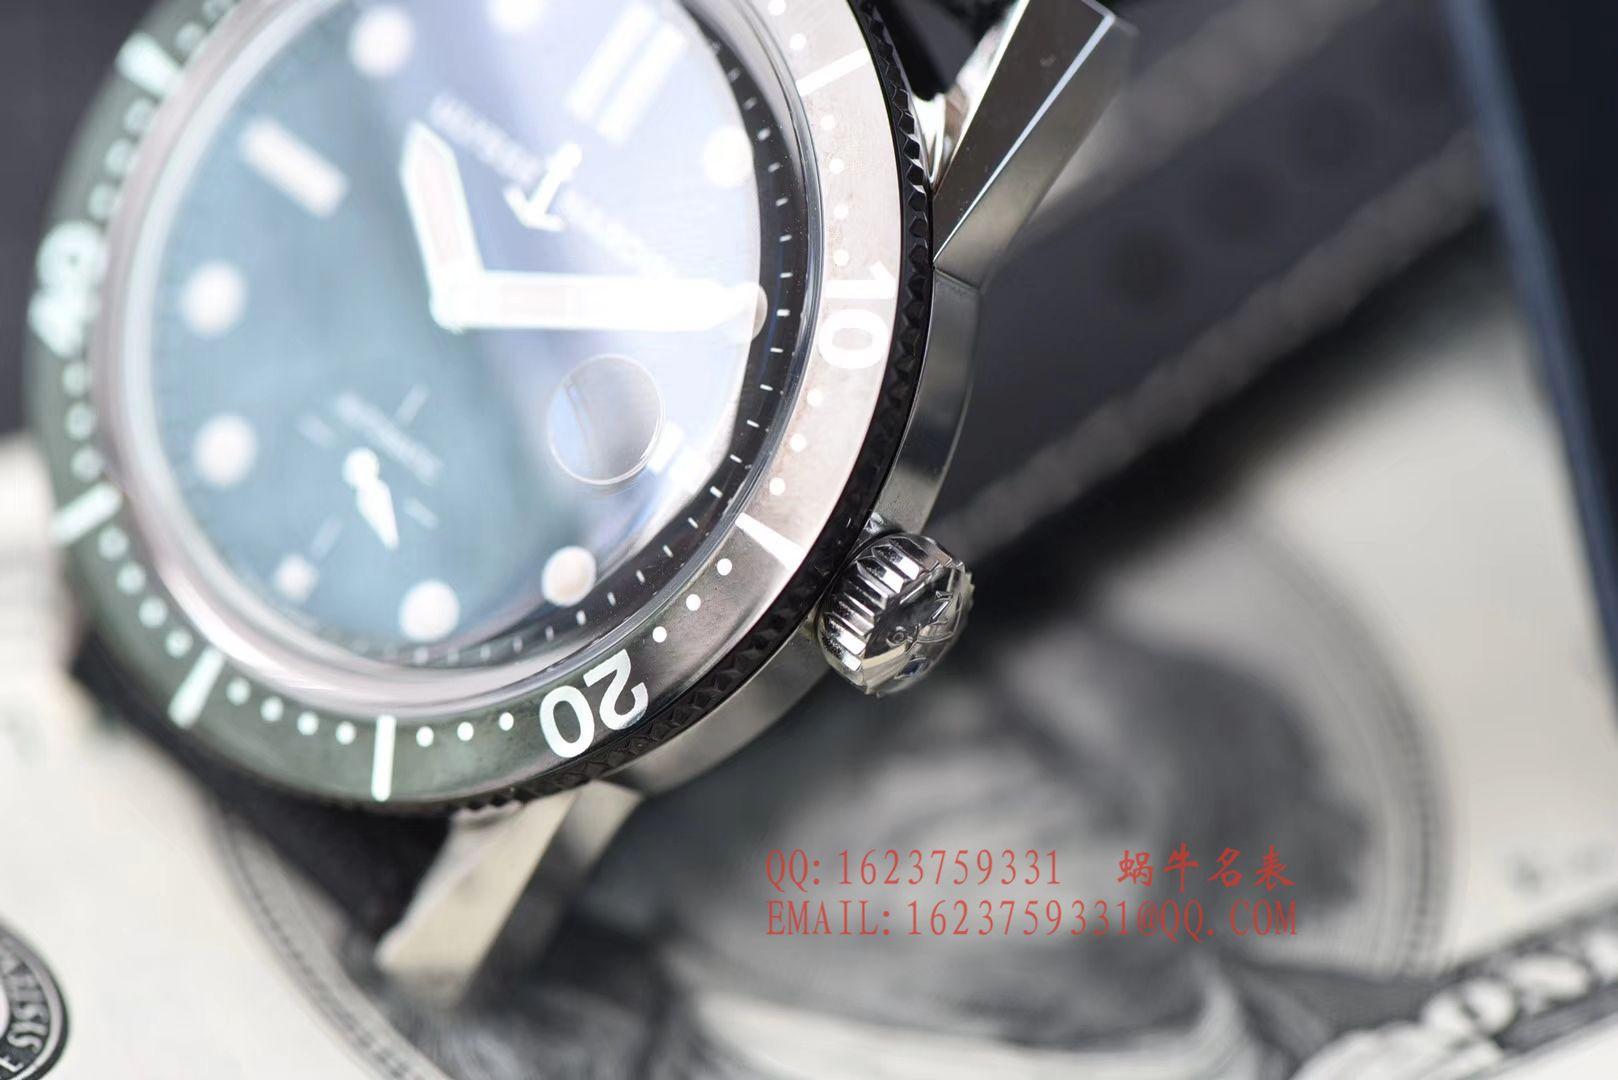 【视频评测神器:一比一完美高仿手表】雅典表Ulysse Nardin Diver潜水表系列Le Locle 勒洛克潜水腕表3203-950 / YD012